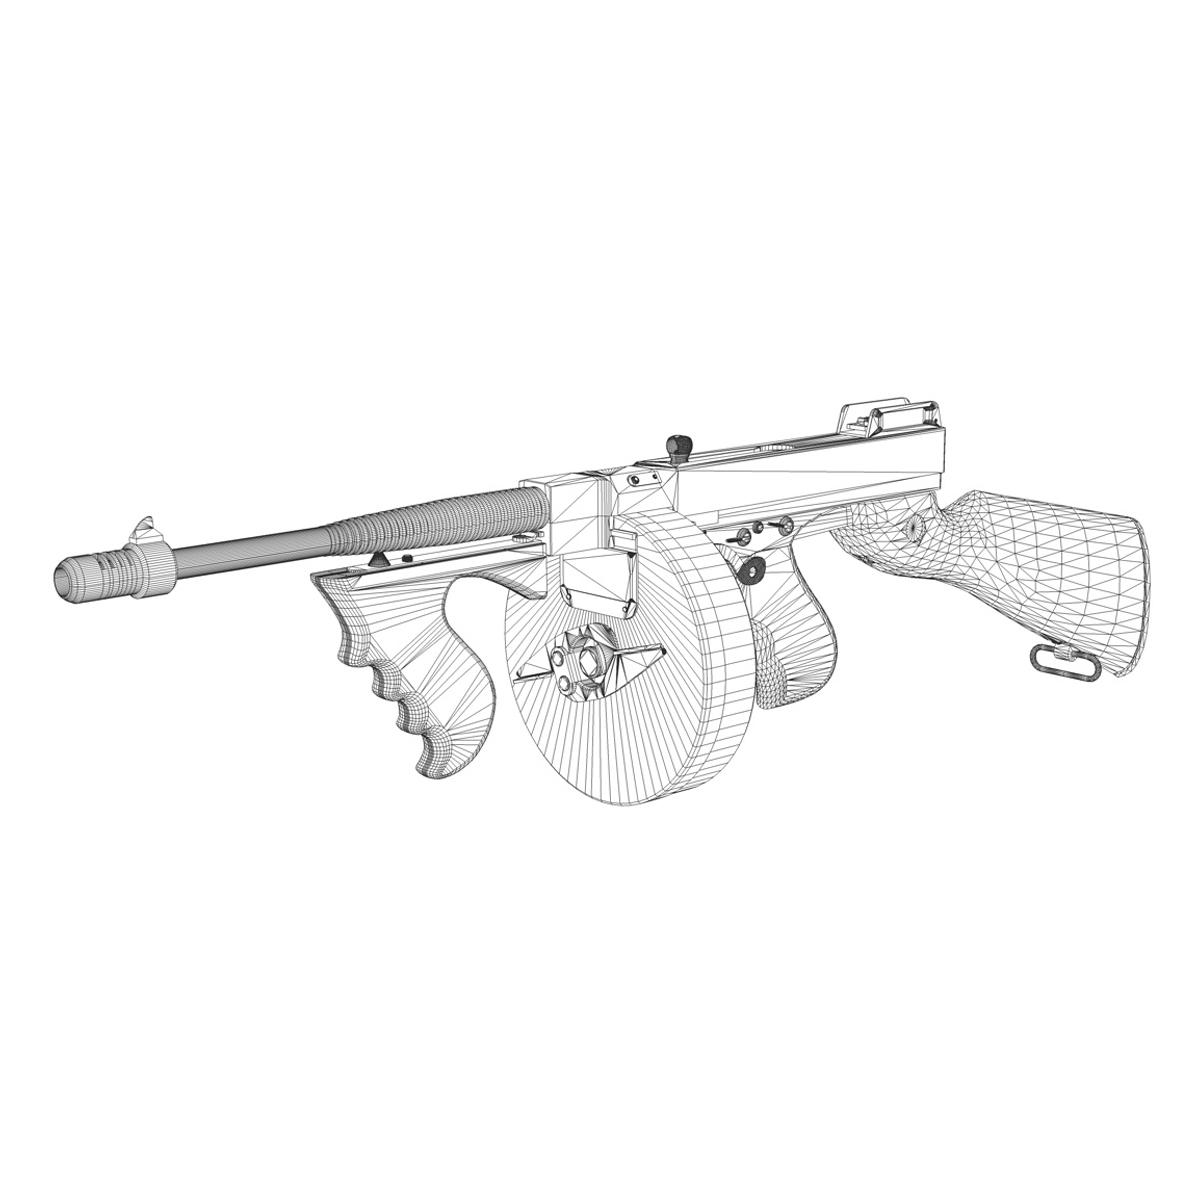 ead2f2bb9e1d thompson model 1928 submachine gun 3d model 3ds c4d lwo obj 264696. Long  Description